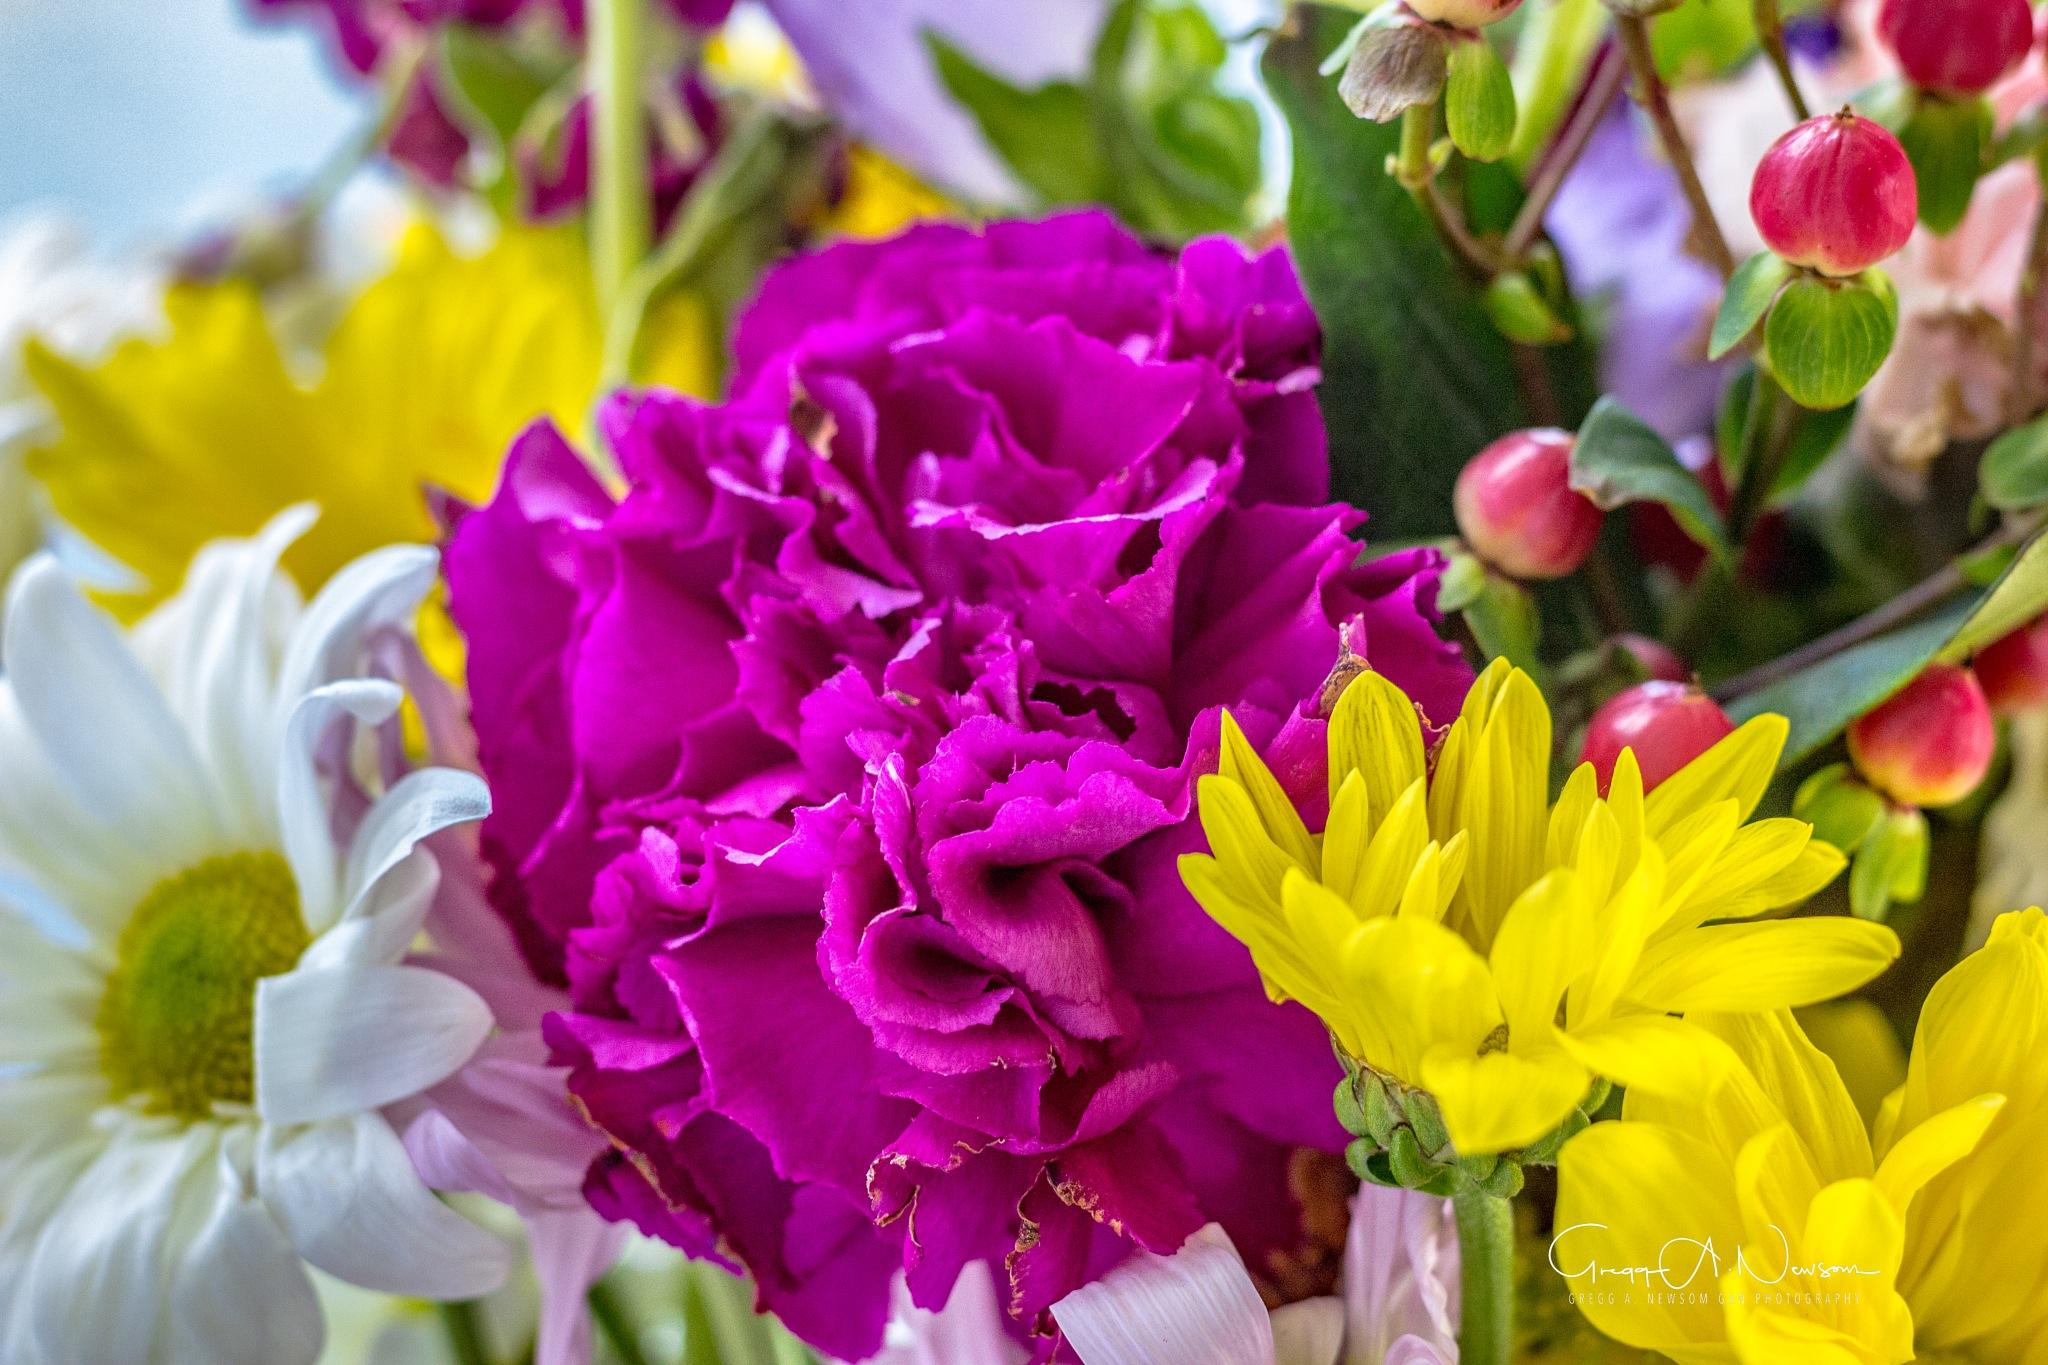 Flowers 1 by Gnewsom324